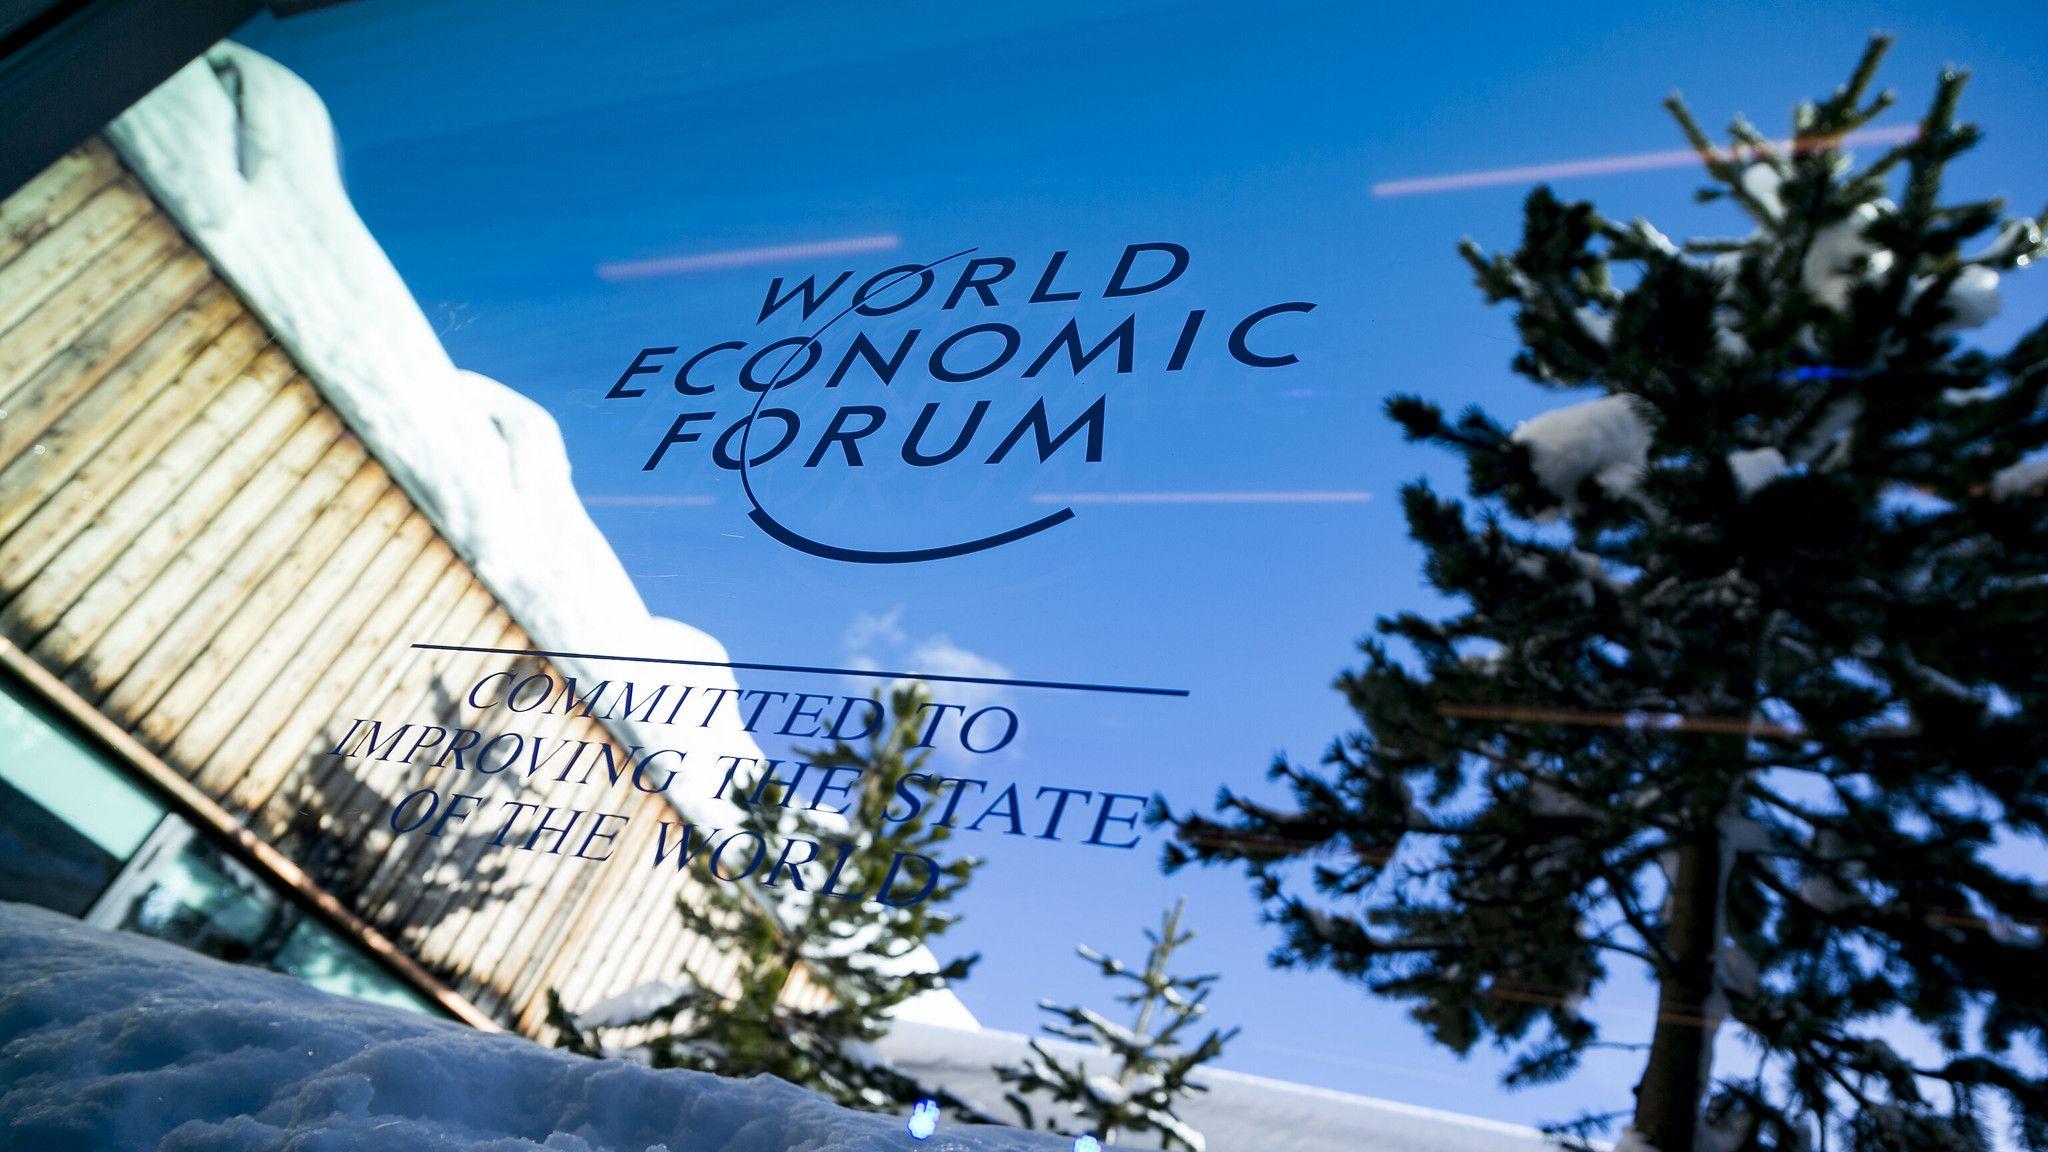 気候変動が長期リスクの首位に、ダボス会議を前にWEFが報告